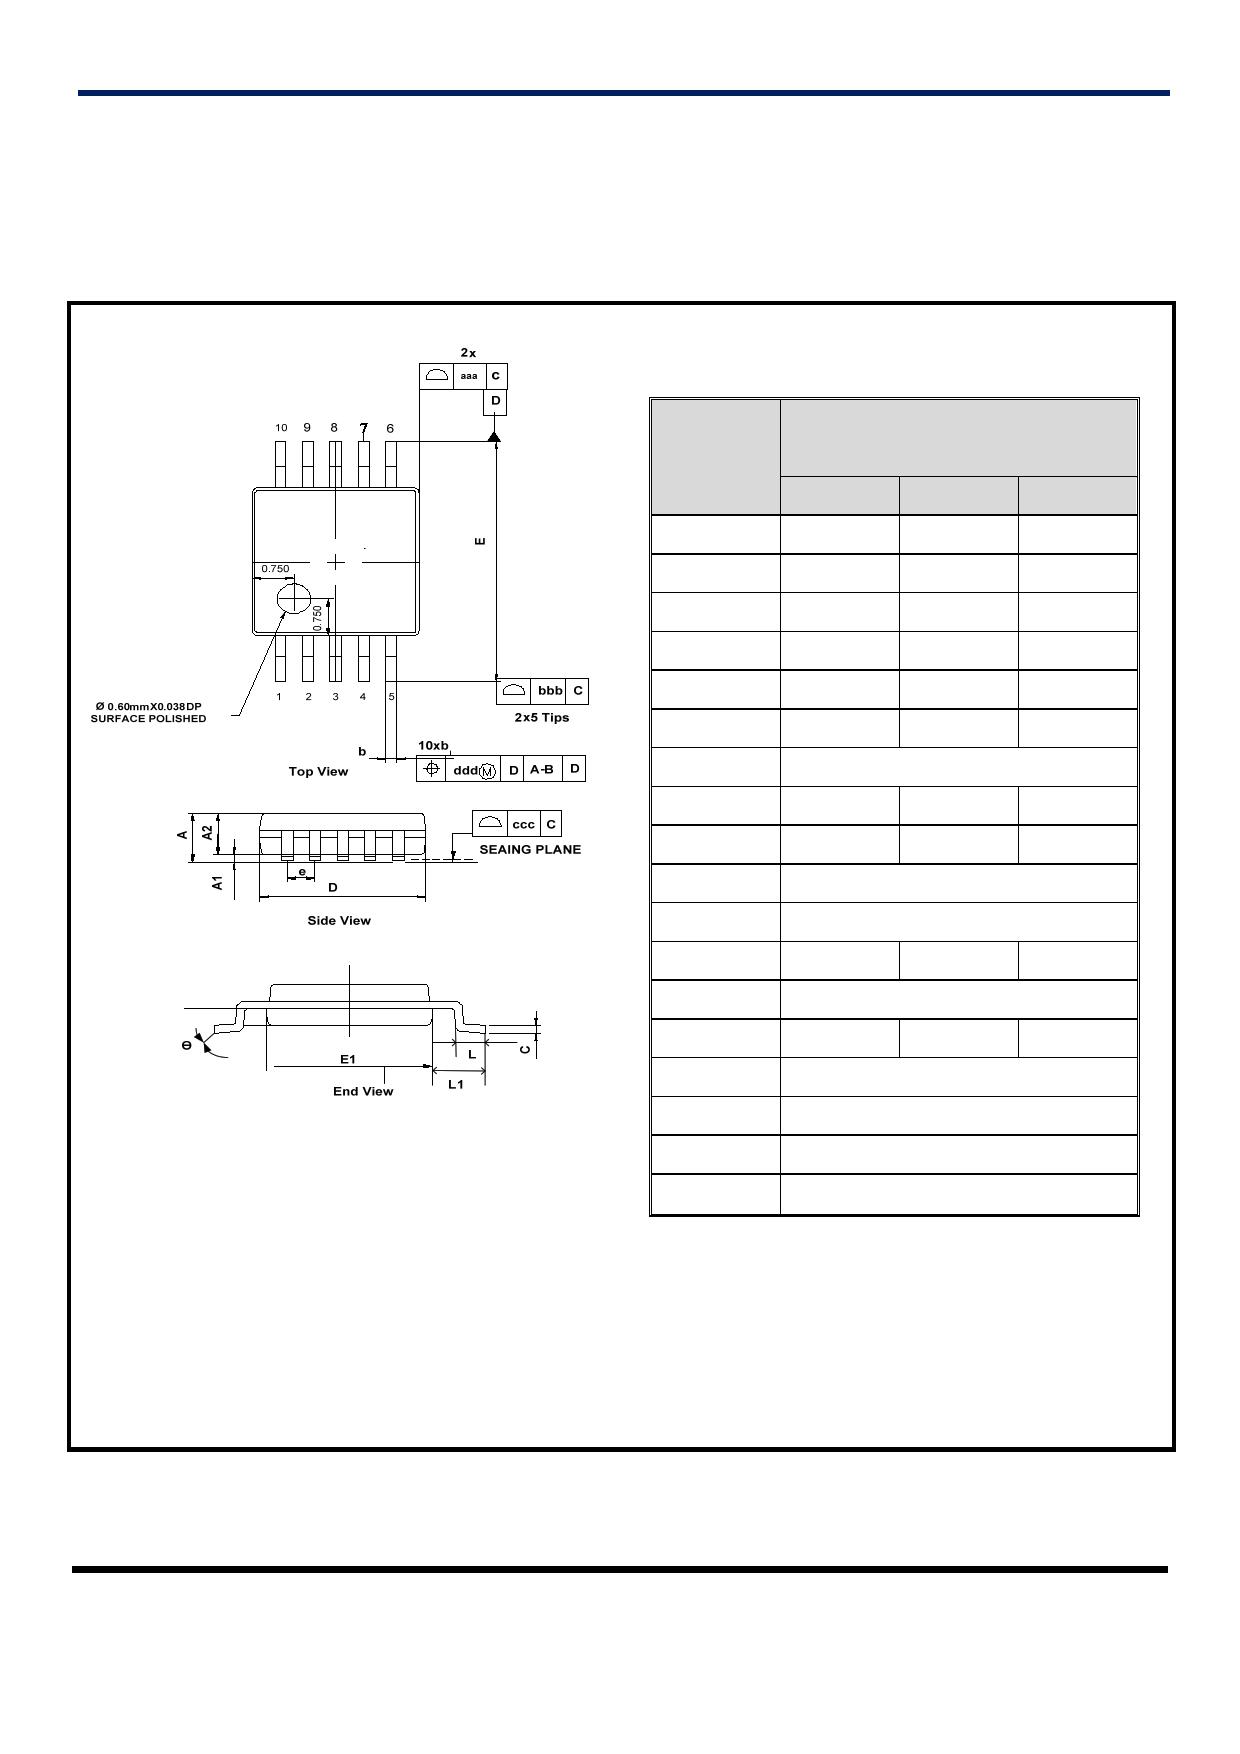 TPF603 pdf, datenblatt